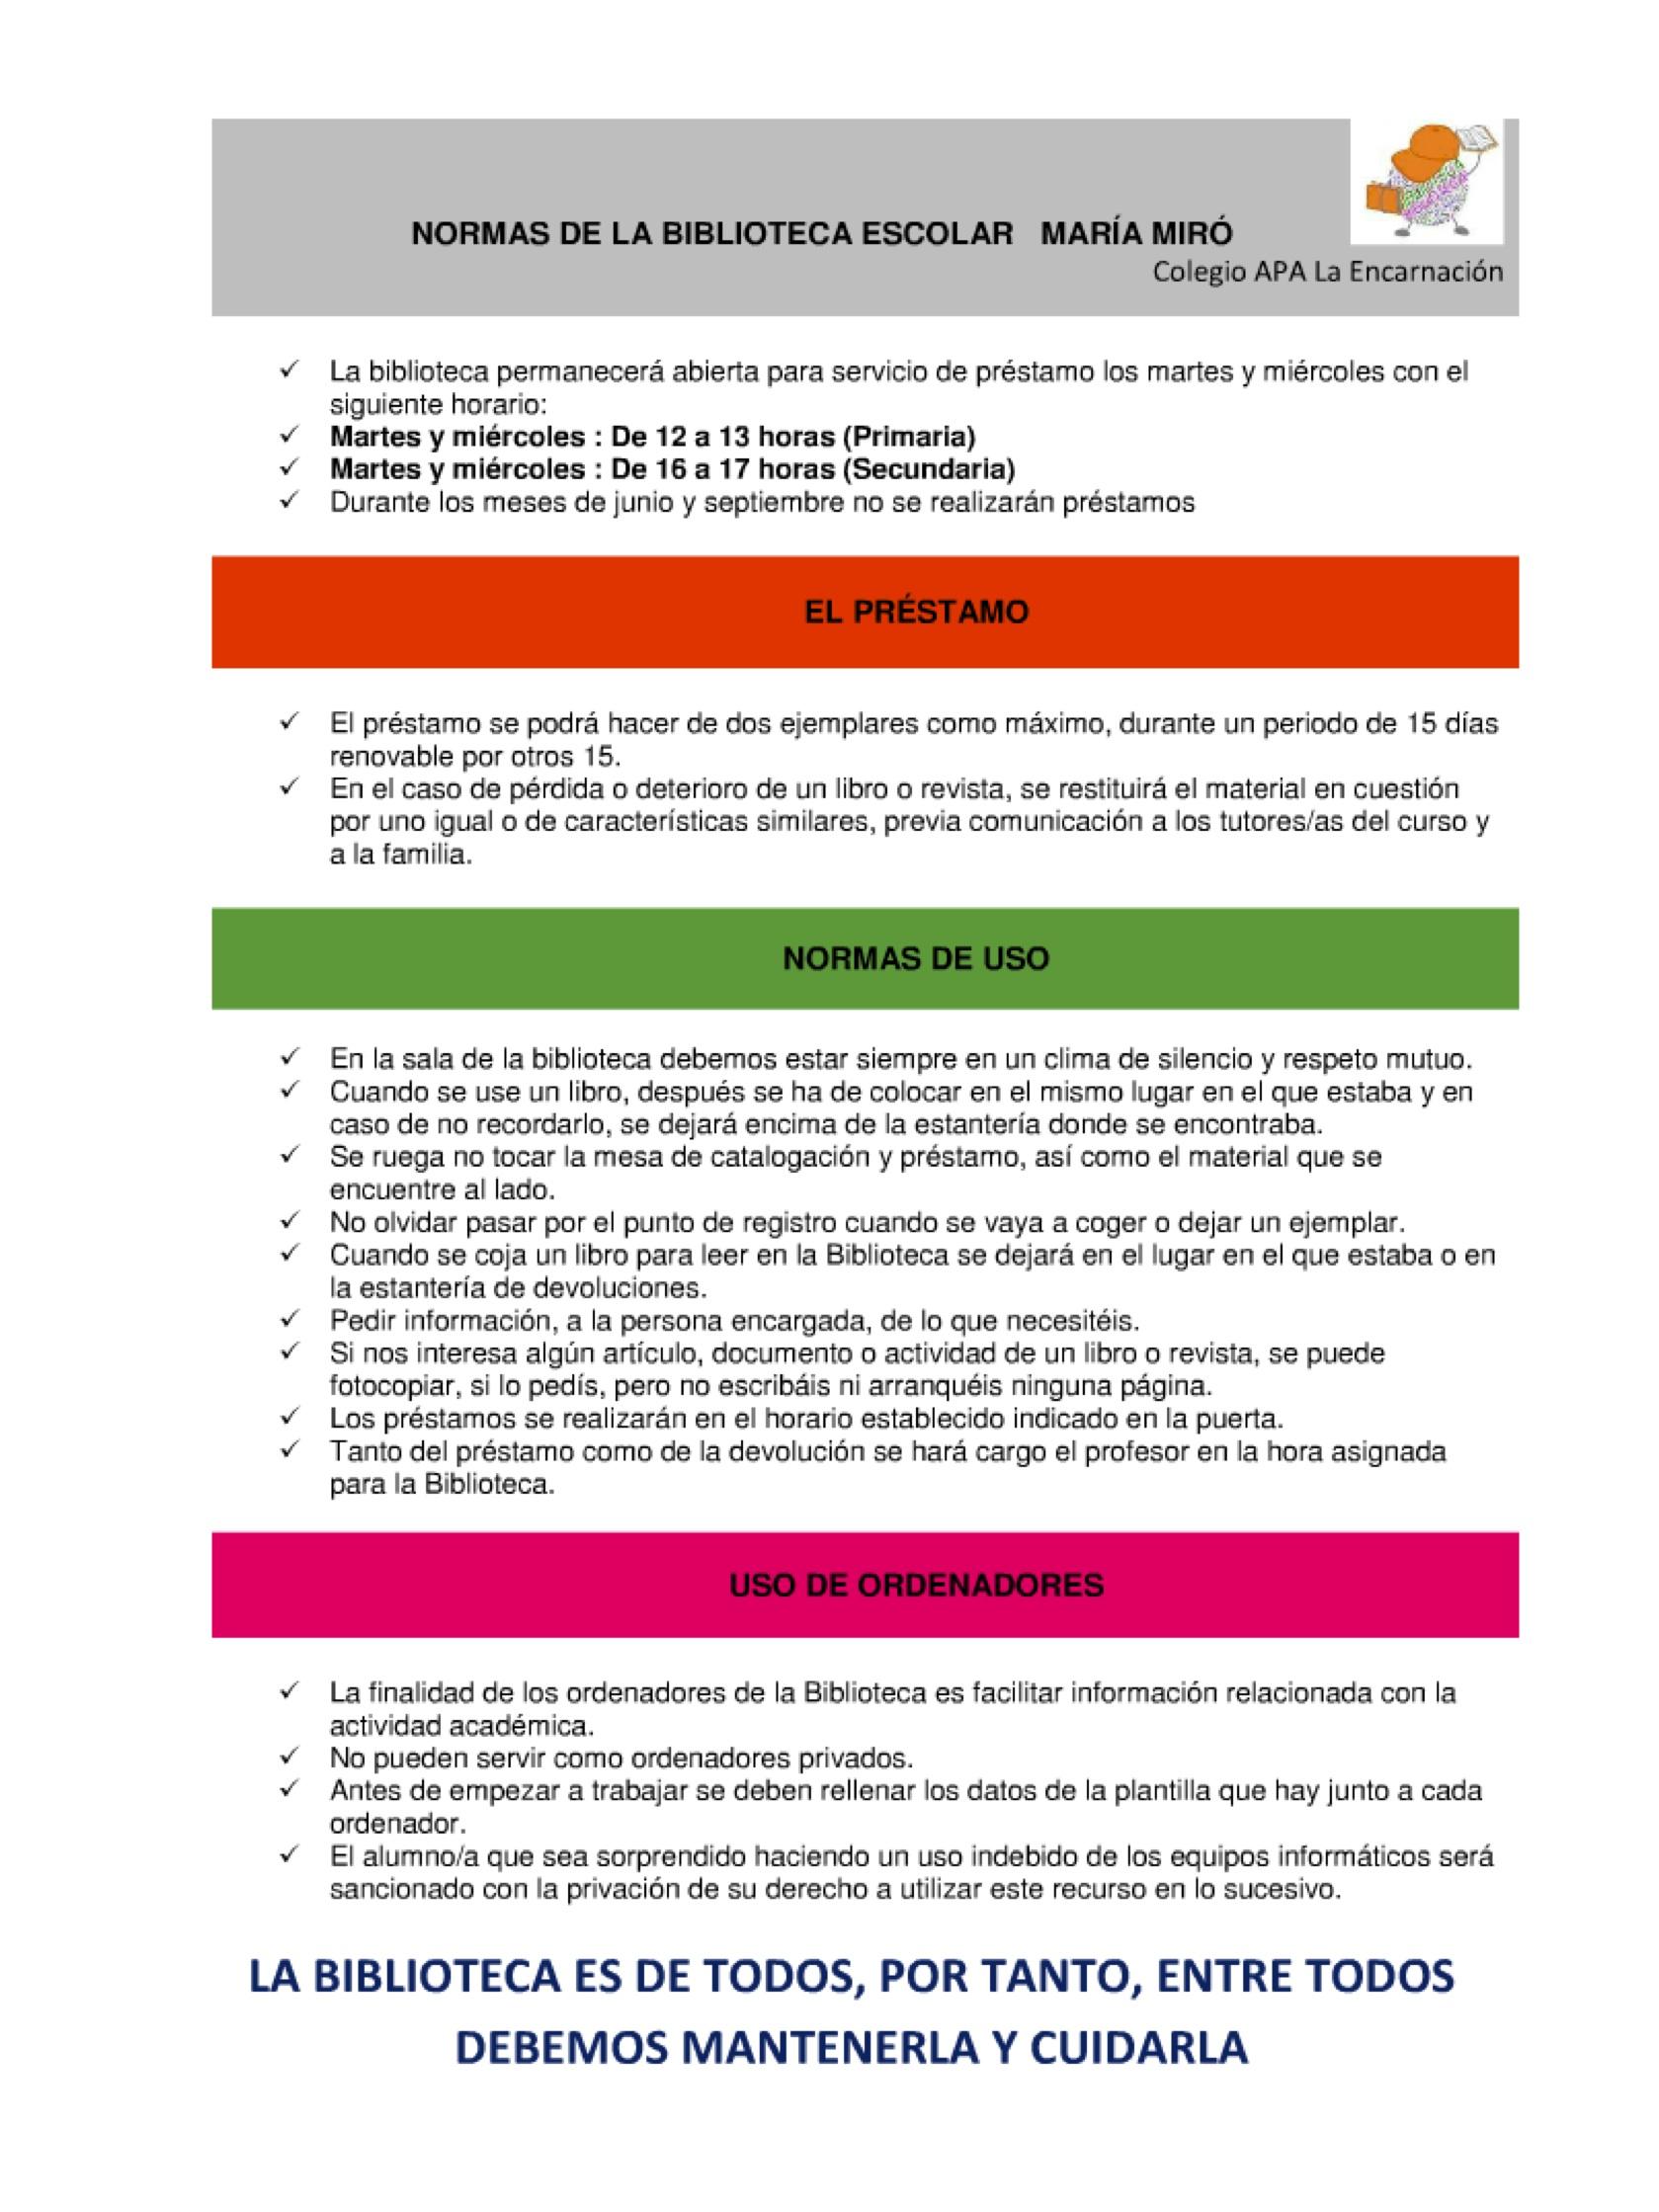 normas1